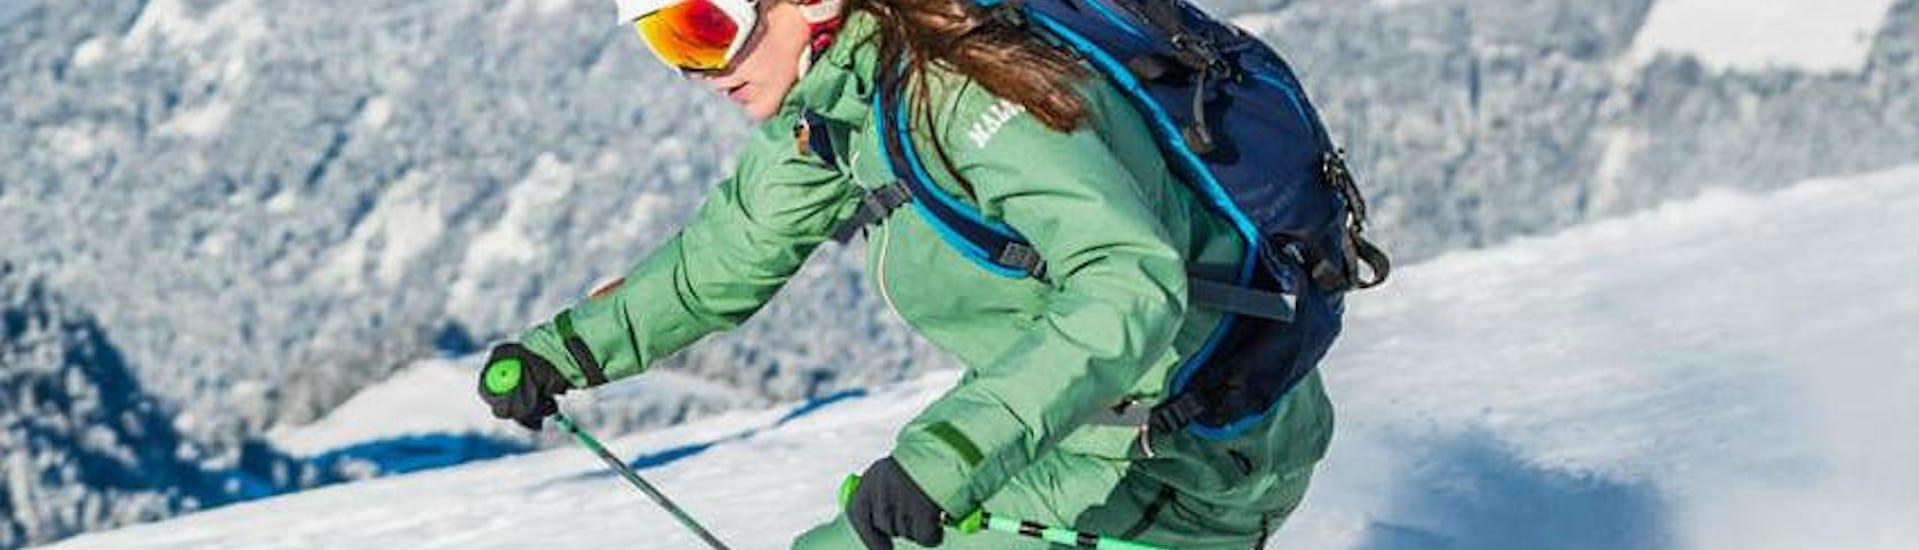 Skikurs für Erwachsene - Fortgeschritten